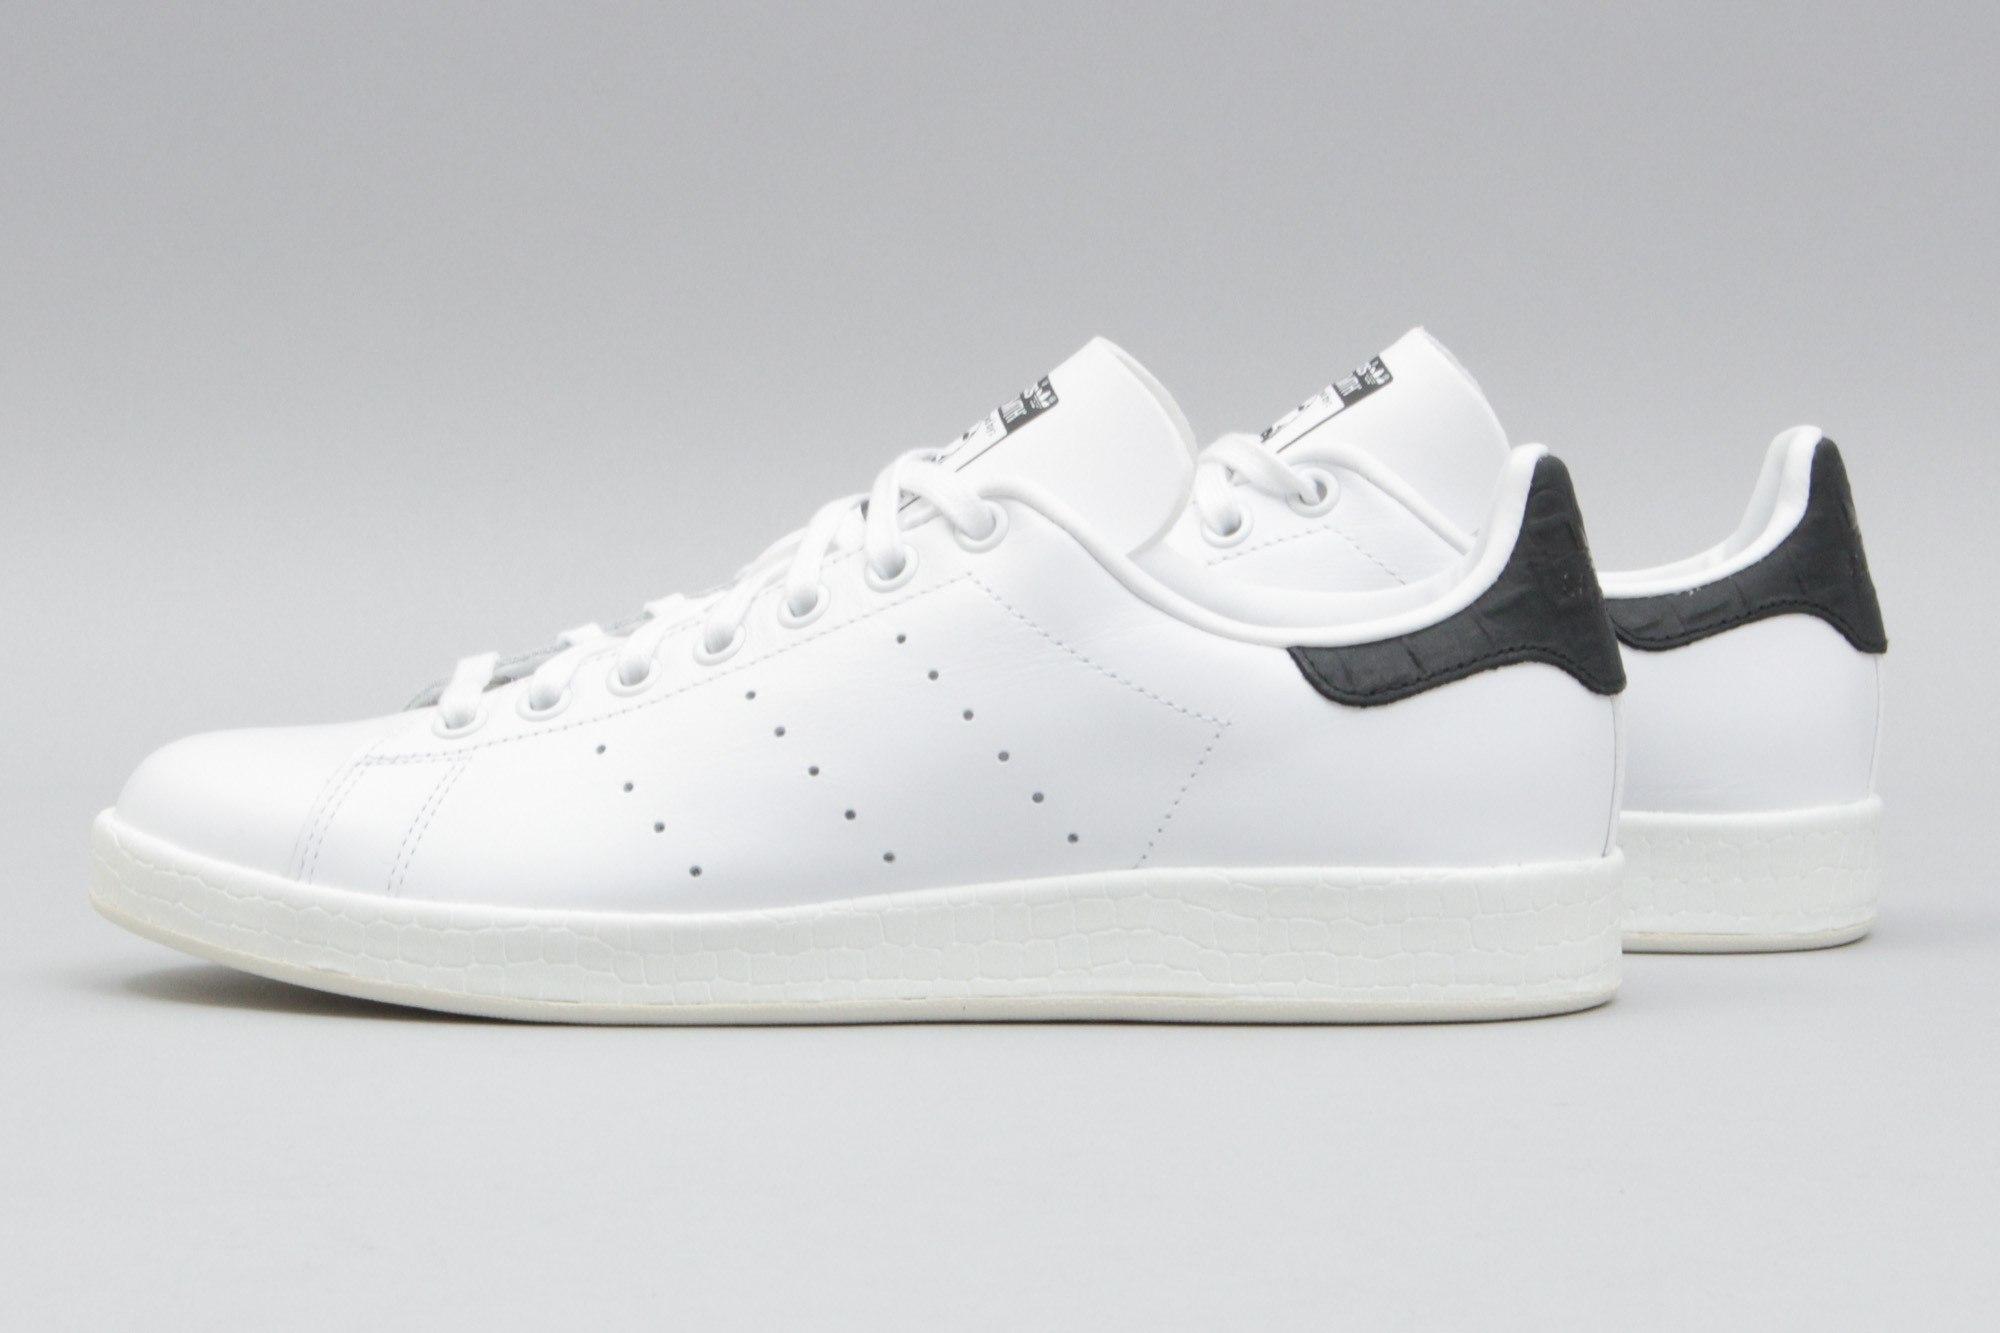 adidas stan smith black and white